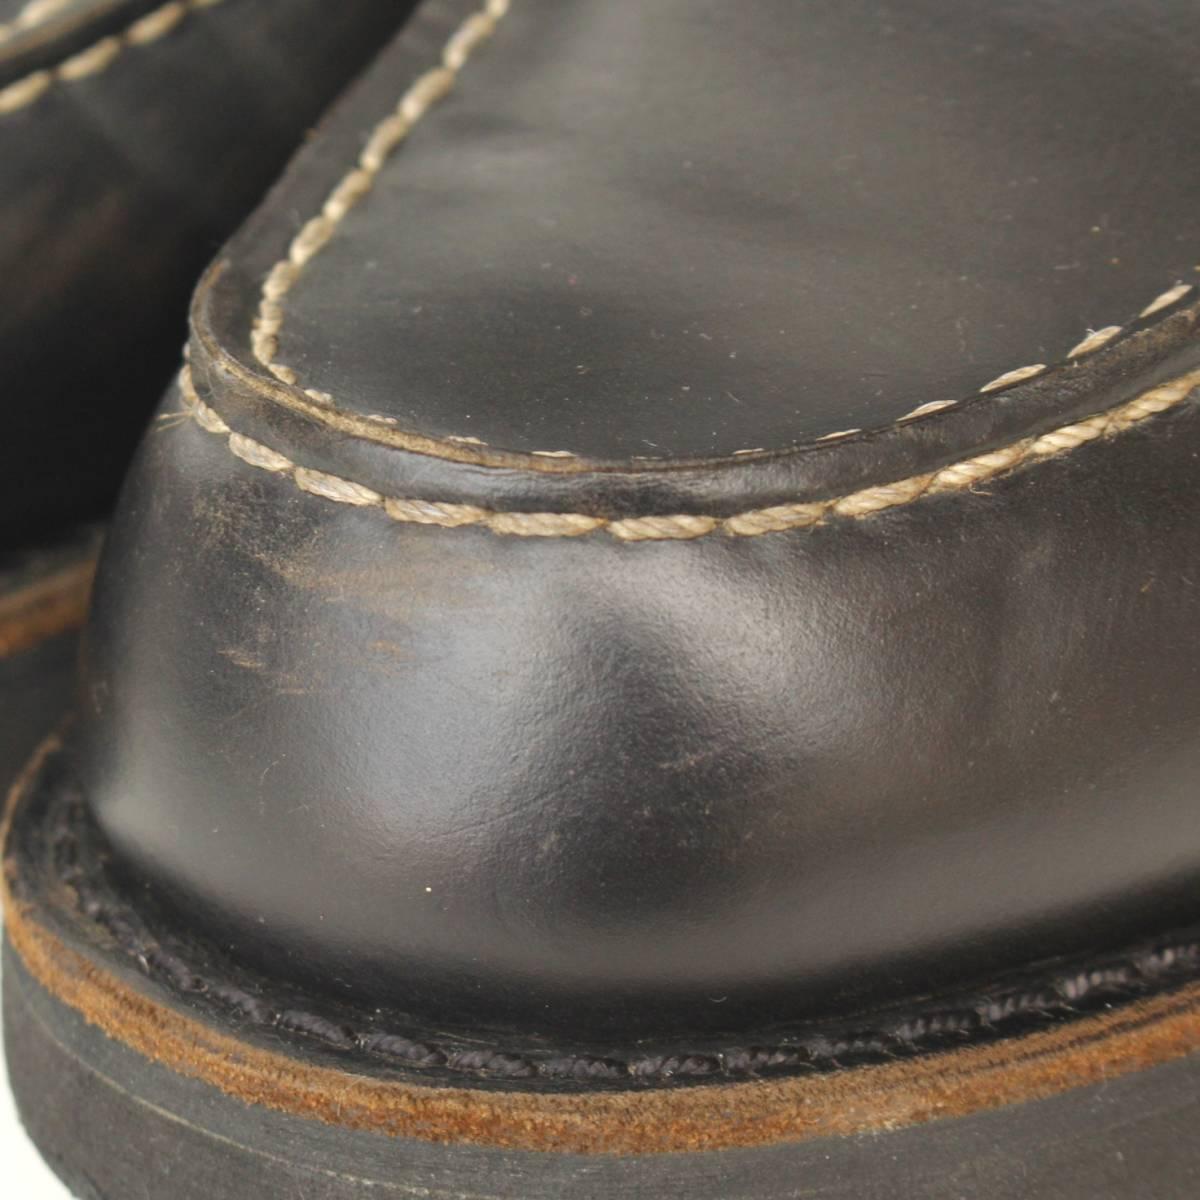 【SALE】良品98年製REDWING8137レッドウィング7D約25cm (オールブラック ビブラム製 黒ソール黒モックトゥ刺繍羽タグ1円スタートyk99006)_画像6